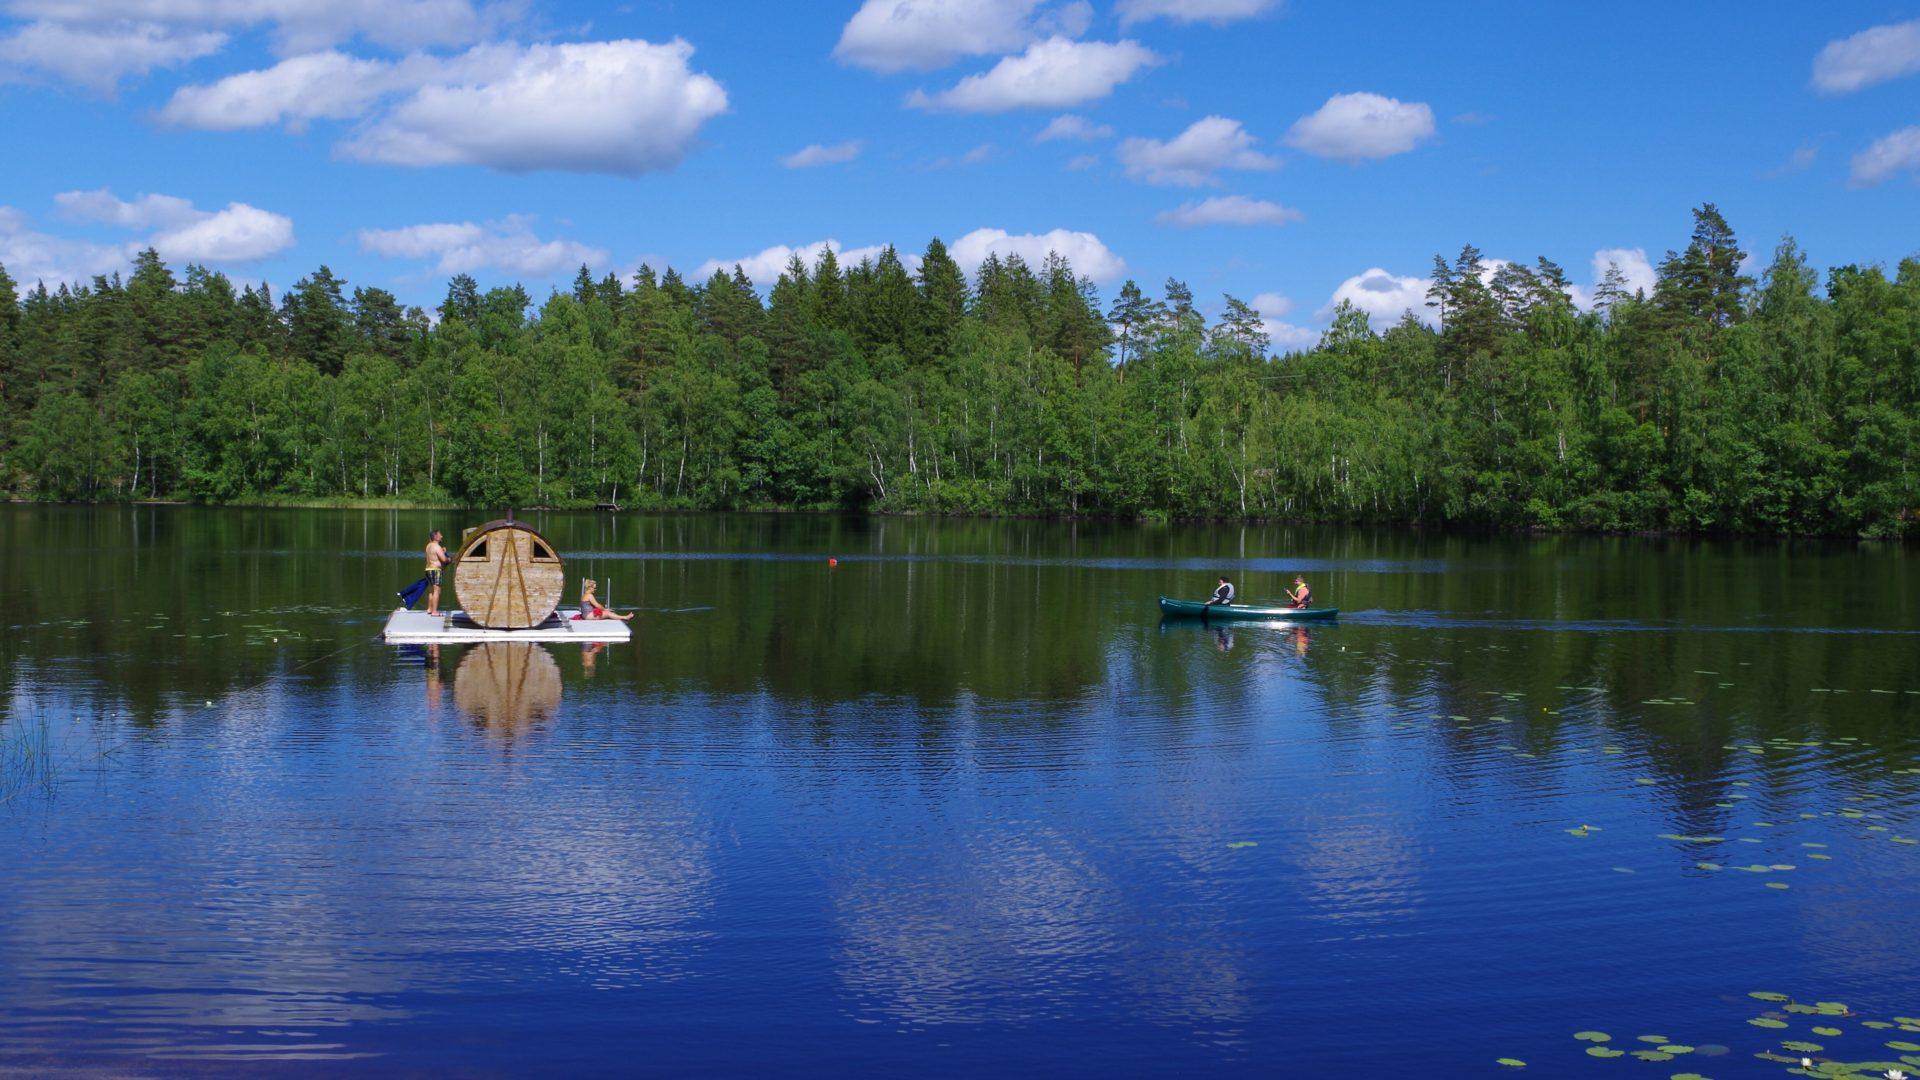 eco-tourism, wellness nature trip Sweden